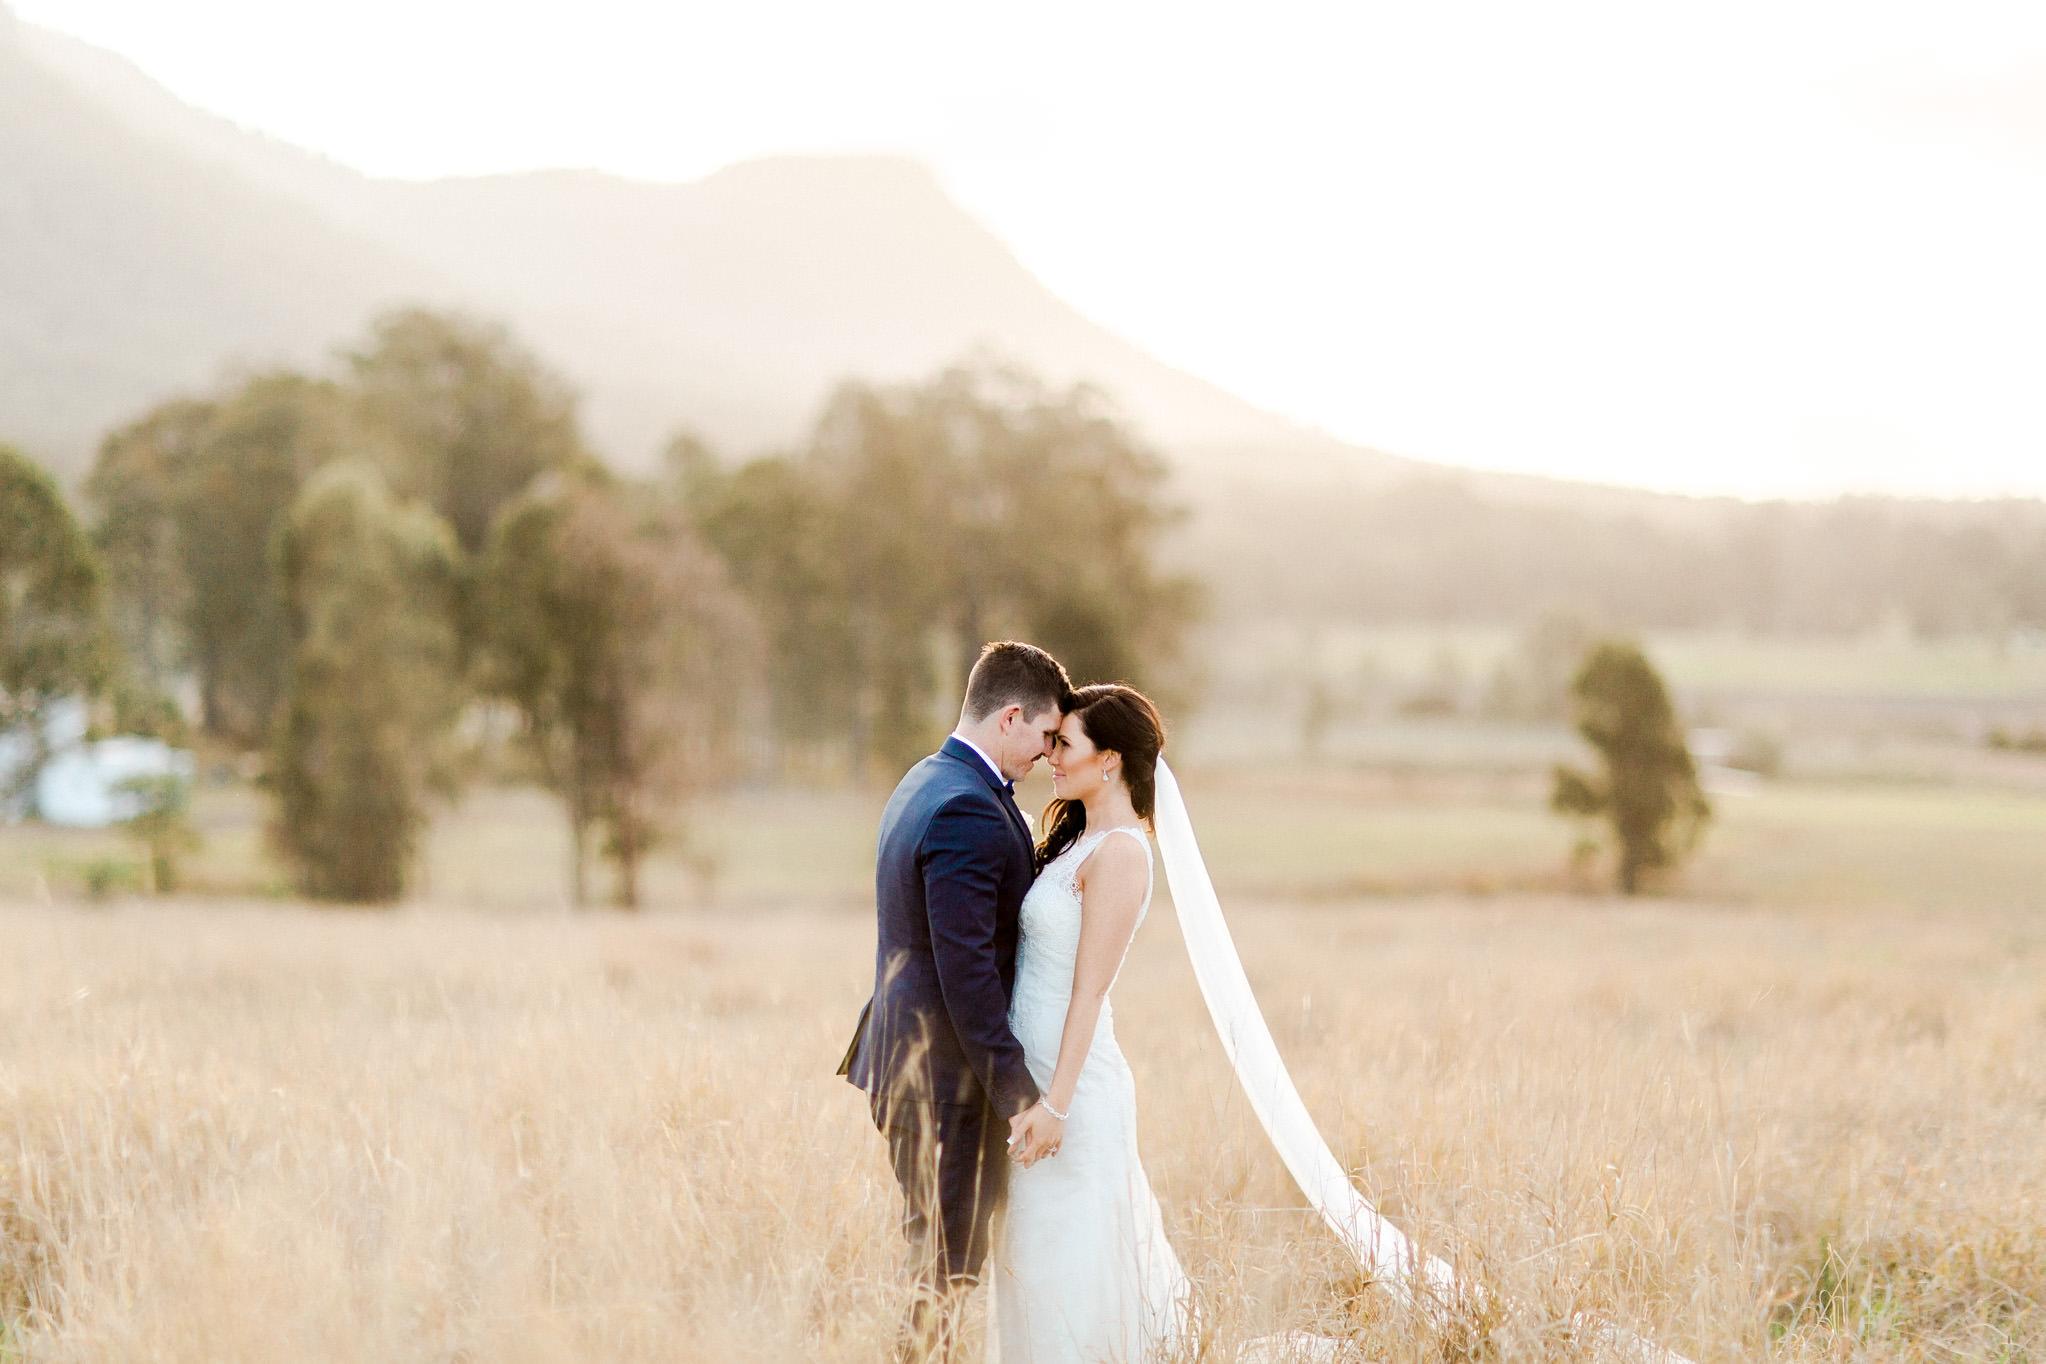 WeddingPhotos_Facebook_2046pixels-1000.jpg